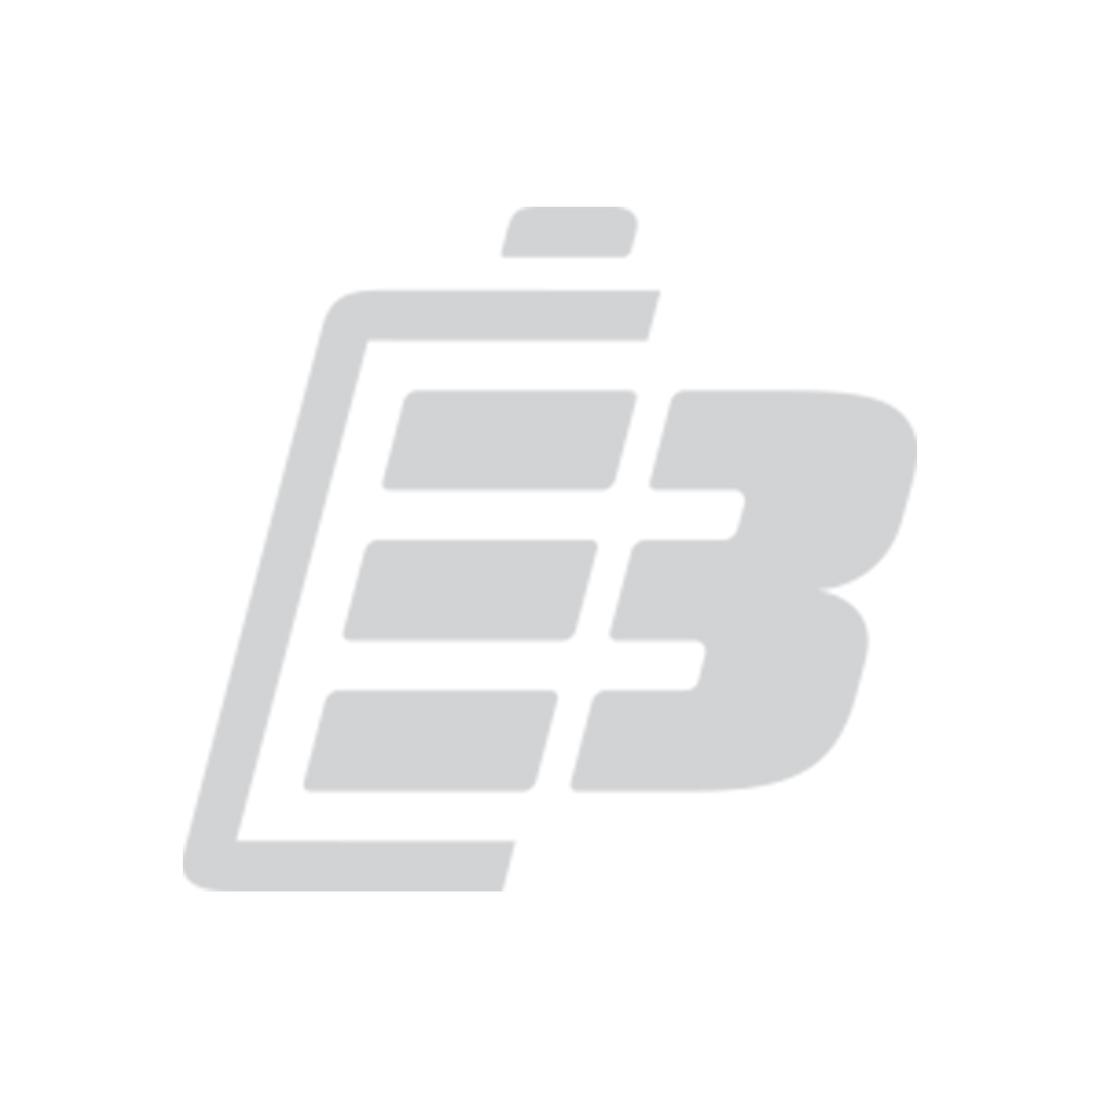 Camera battery Kodak KLIC-8000_1